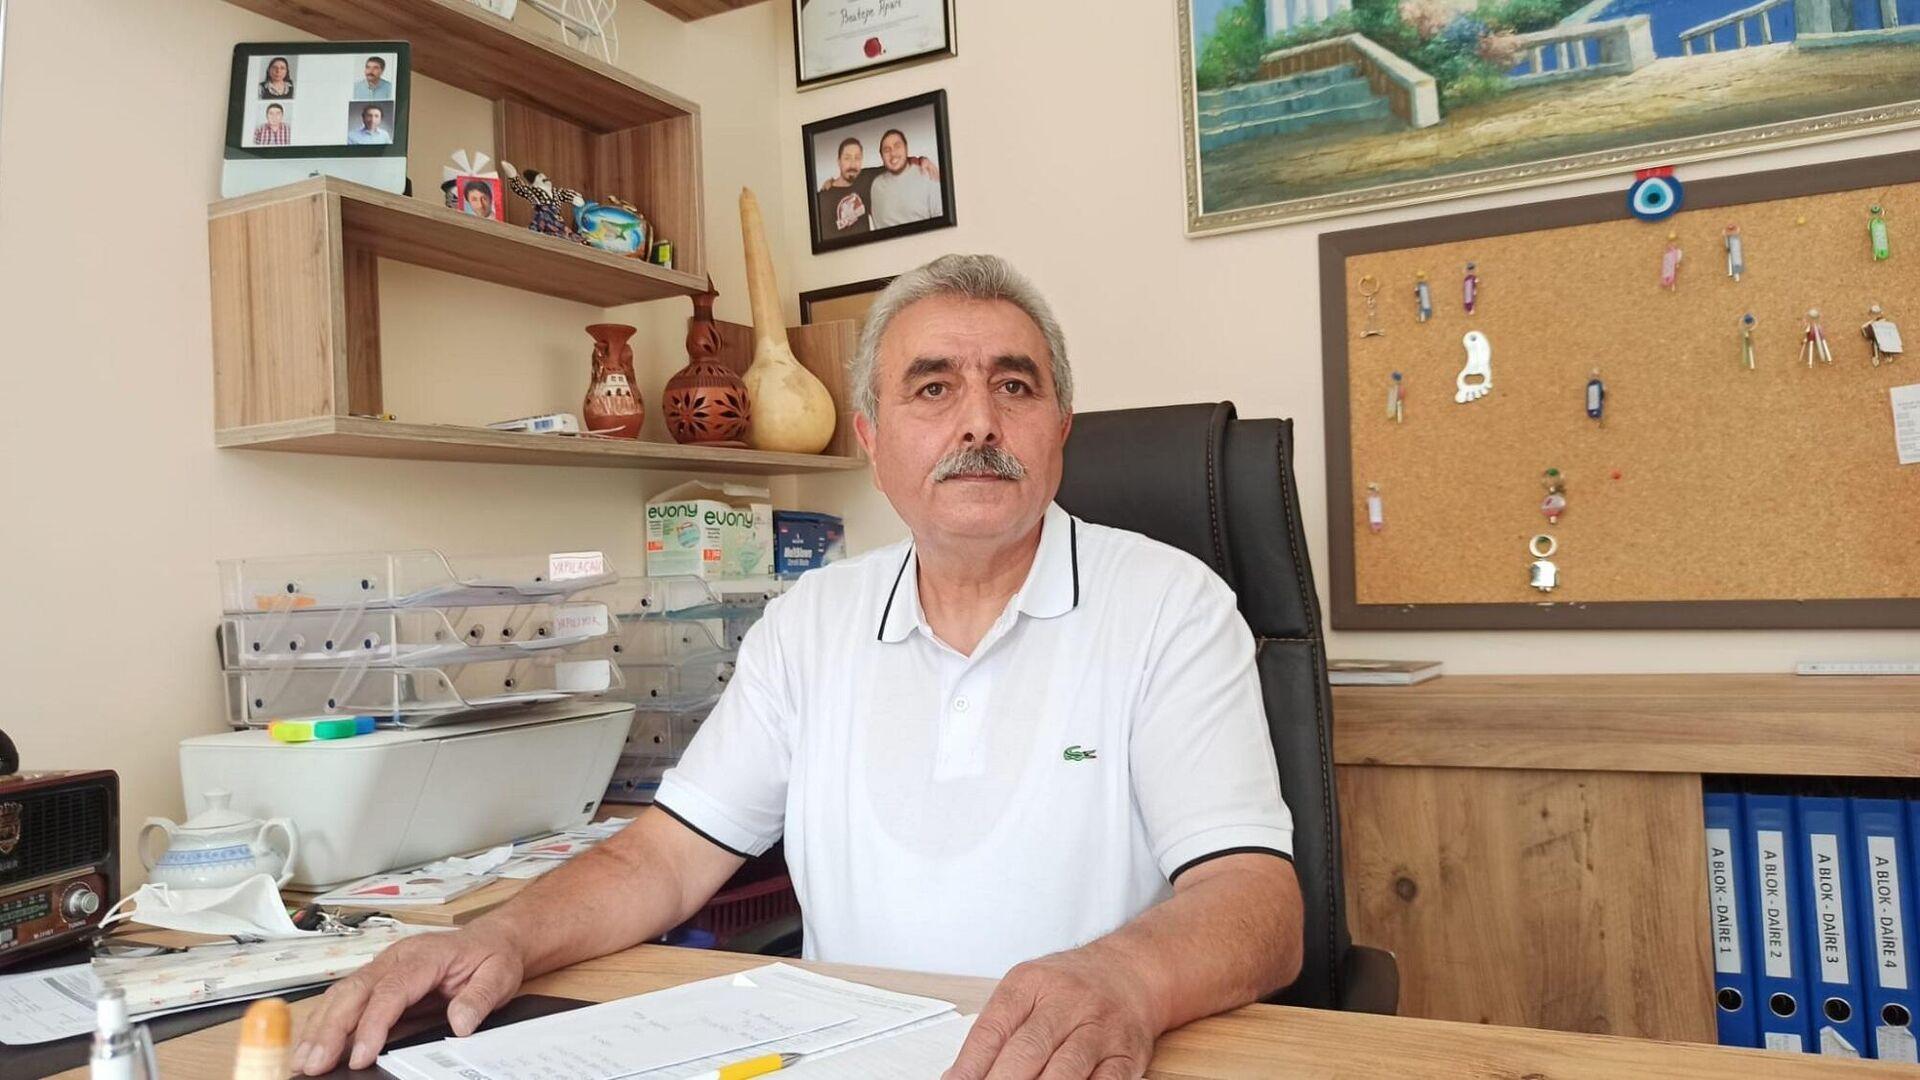 63 dairesi olan ev sahibi Abdullah Boztepe - Sputnik Türkiye, 1920, 17.09.2021